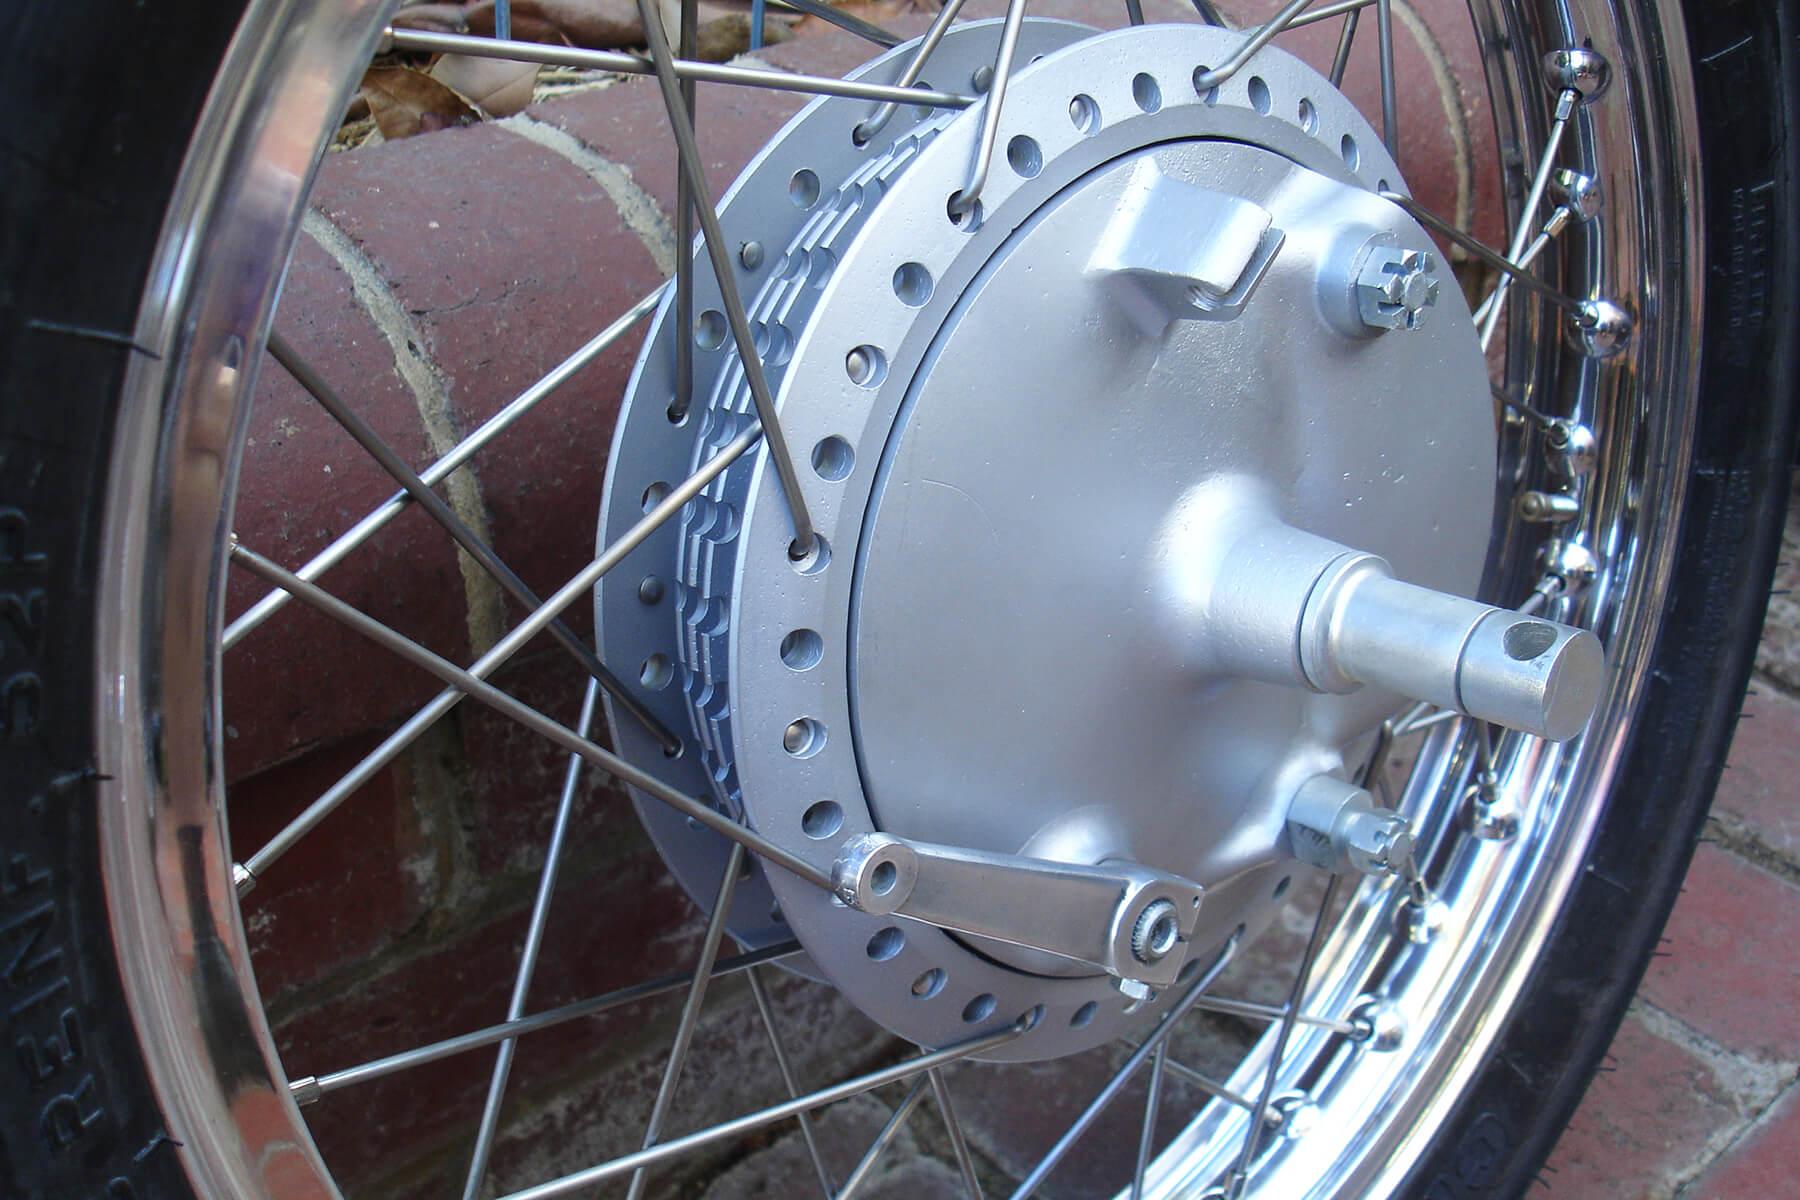 Kawasaki A1R rear hub.